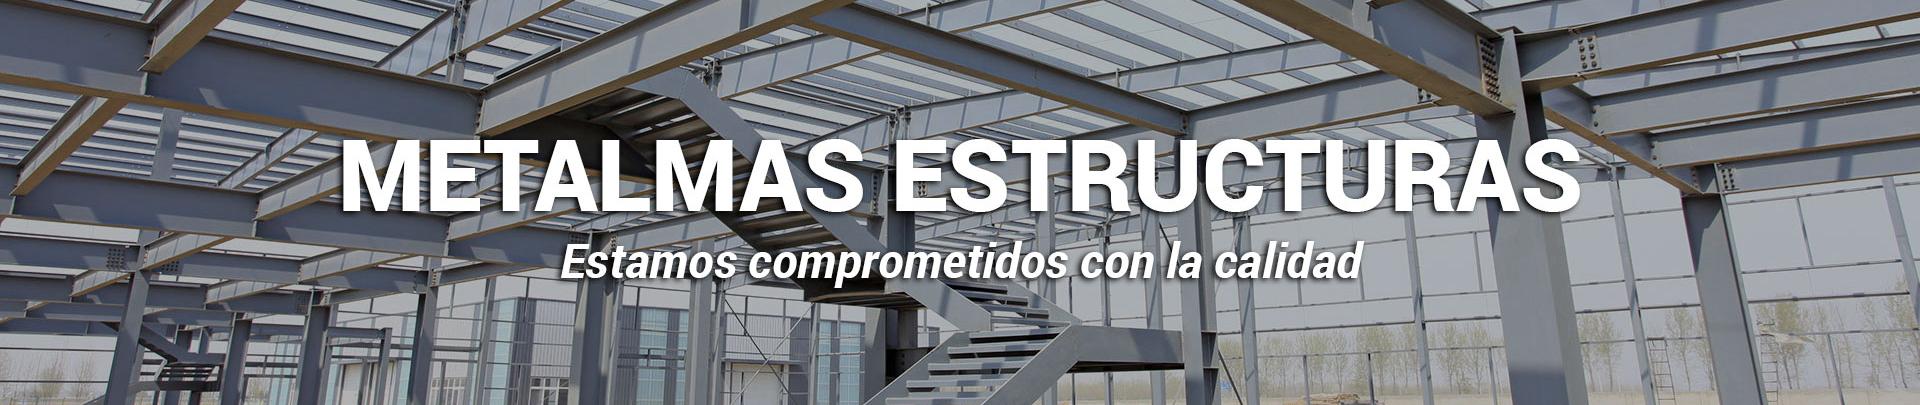 Estructuras Metálicas en santiago, Obras Civiles | Metalmas